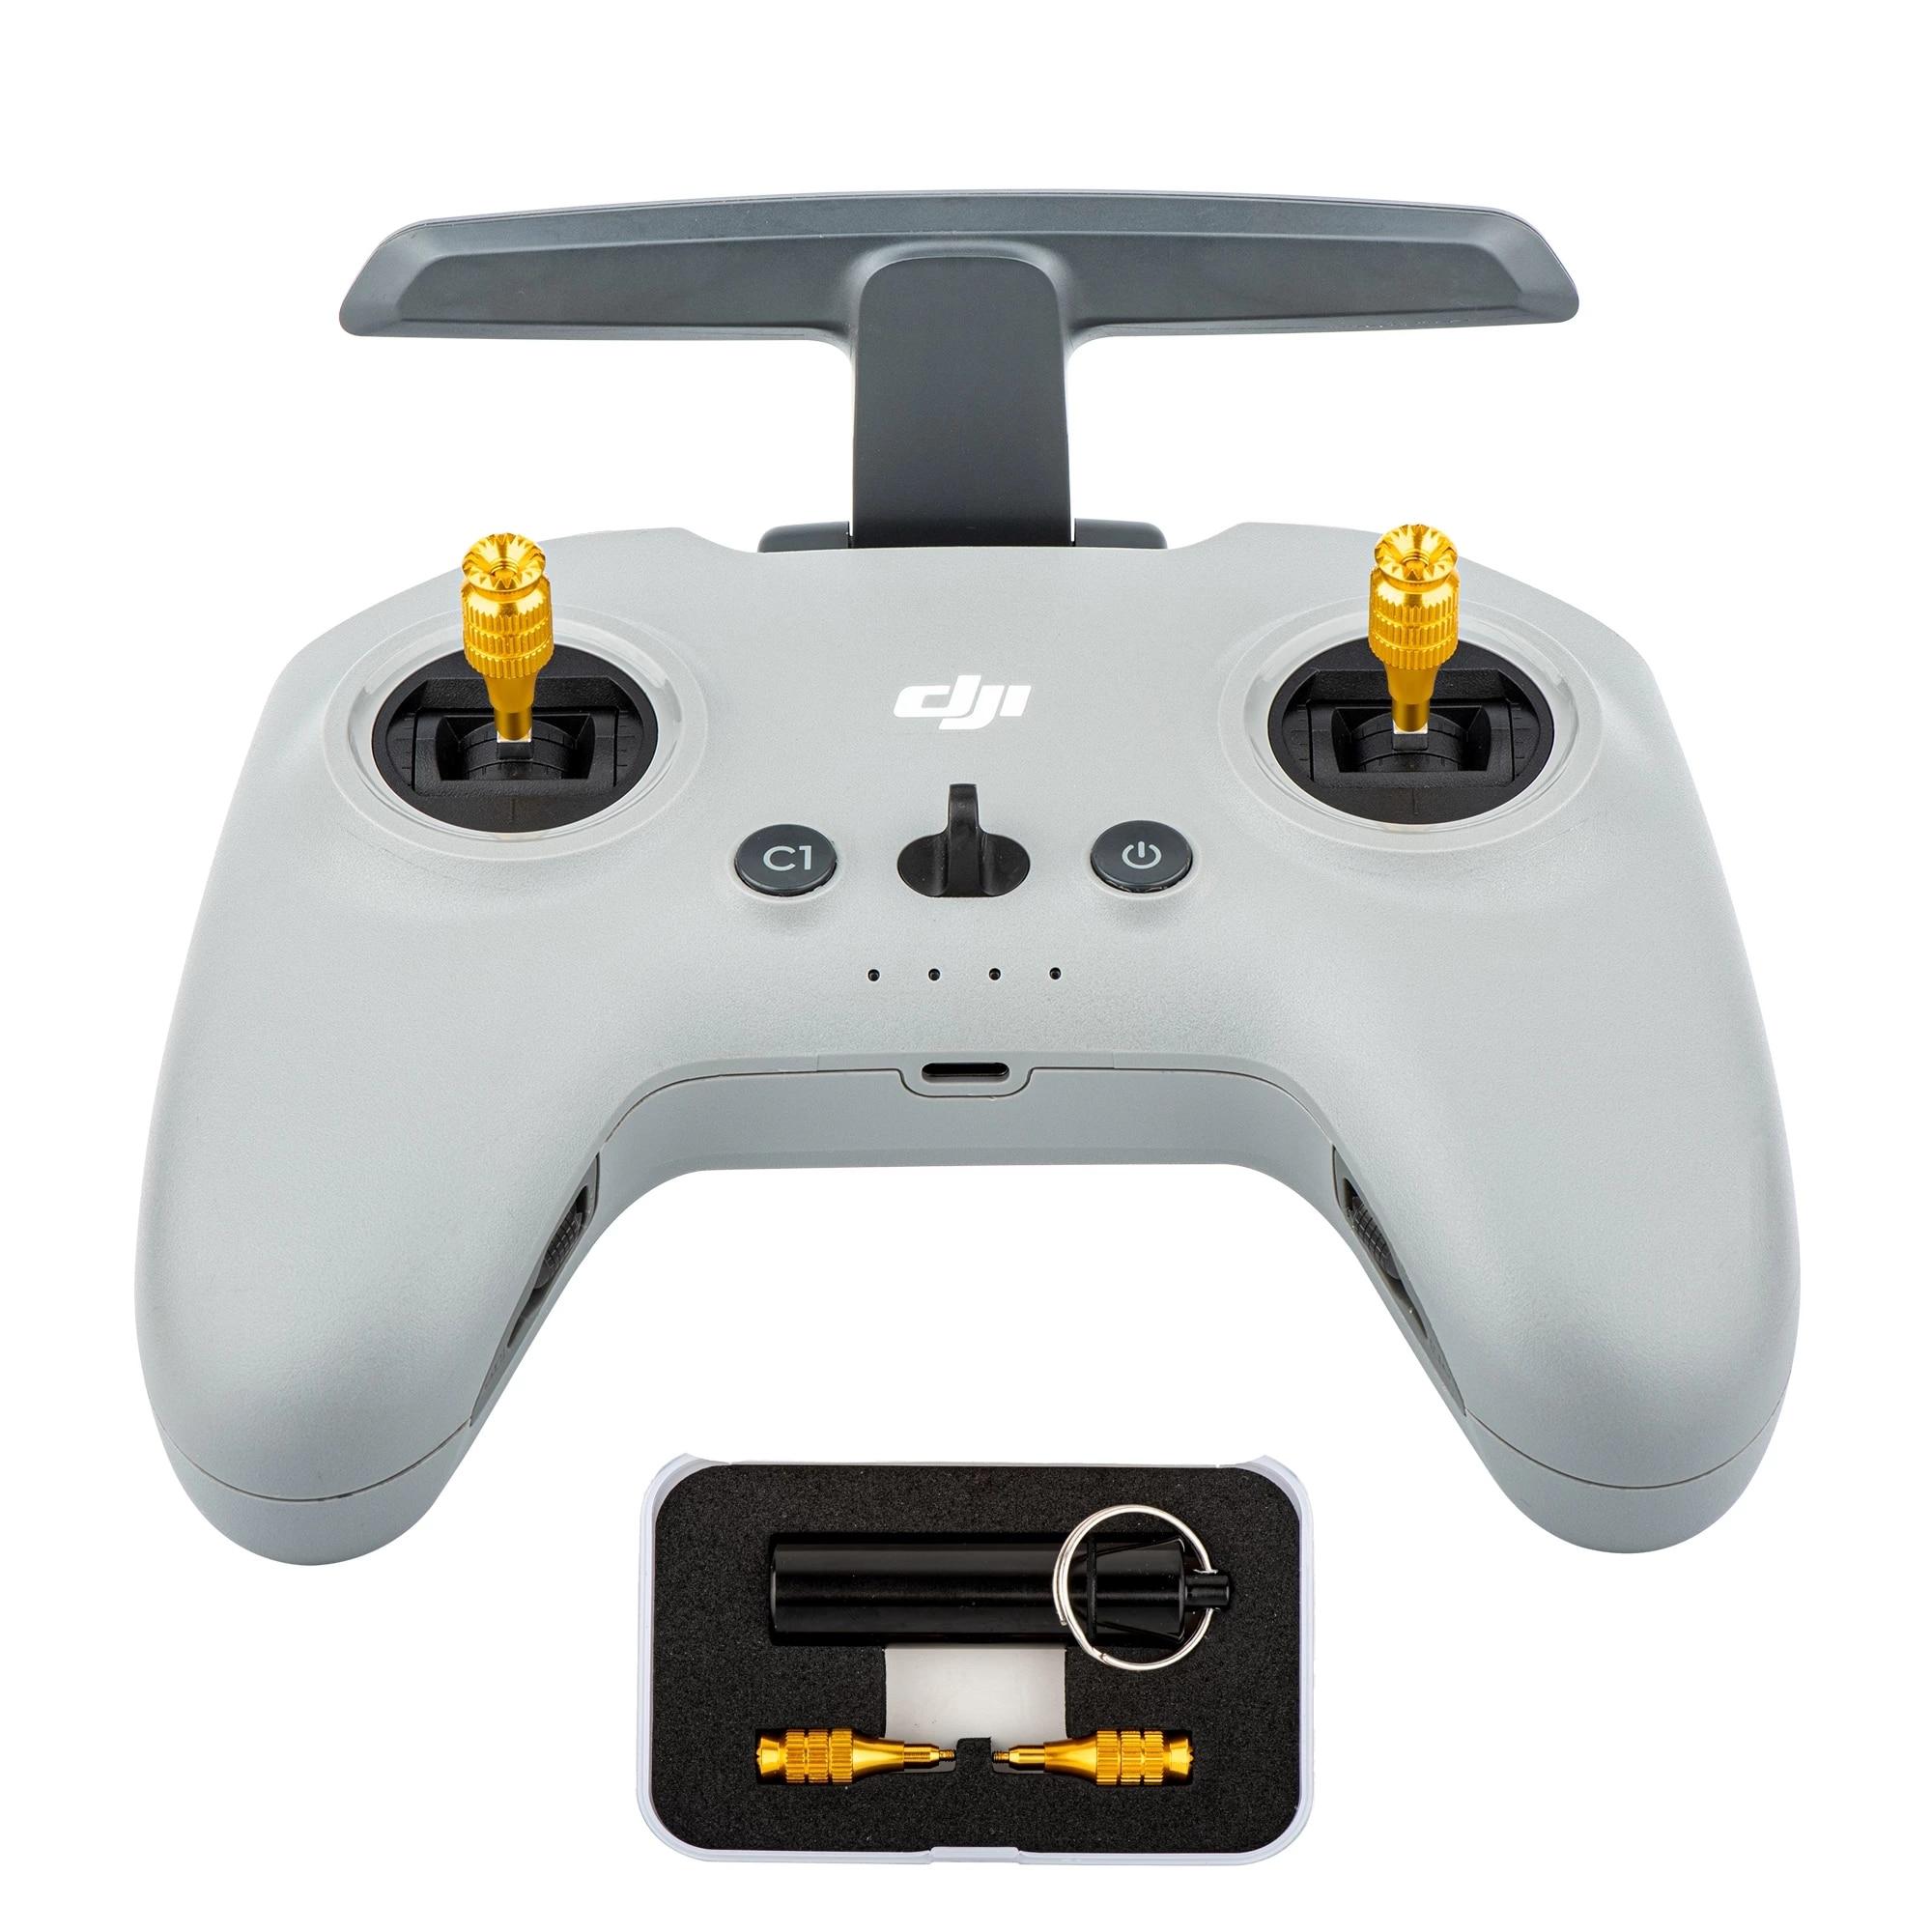 joystick-de-aleacion-de-aluminio-ajustable-para-dron-accesorios-de-mando-a-distancia-para-dji-fpv-mecedora-de-pulgar-extensible-color-dorado-2-unidades